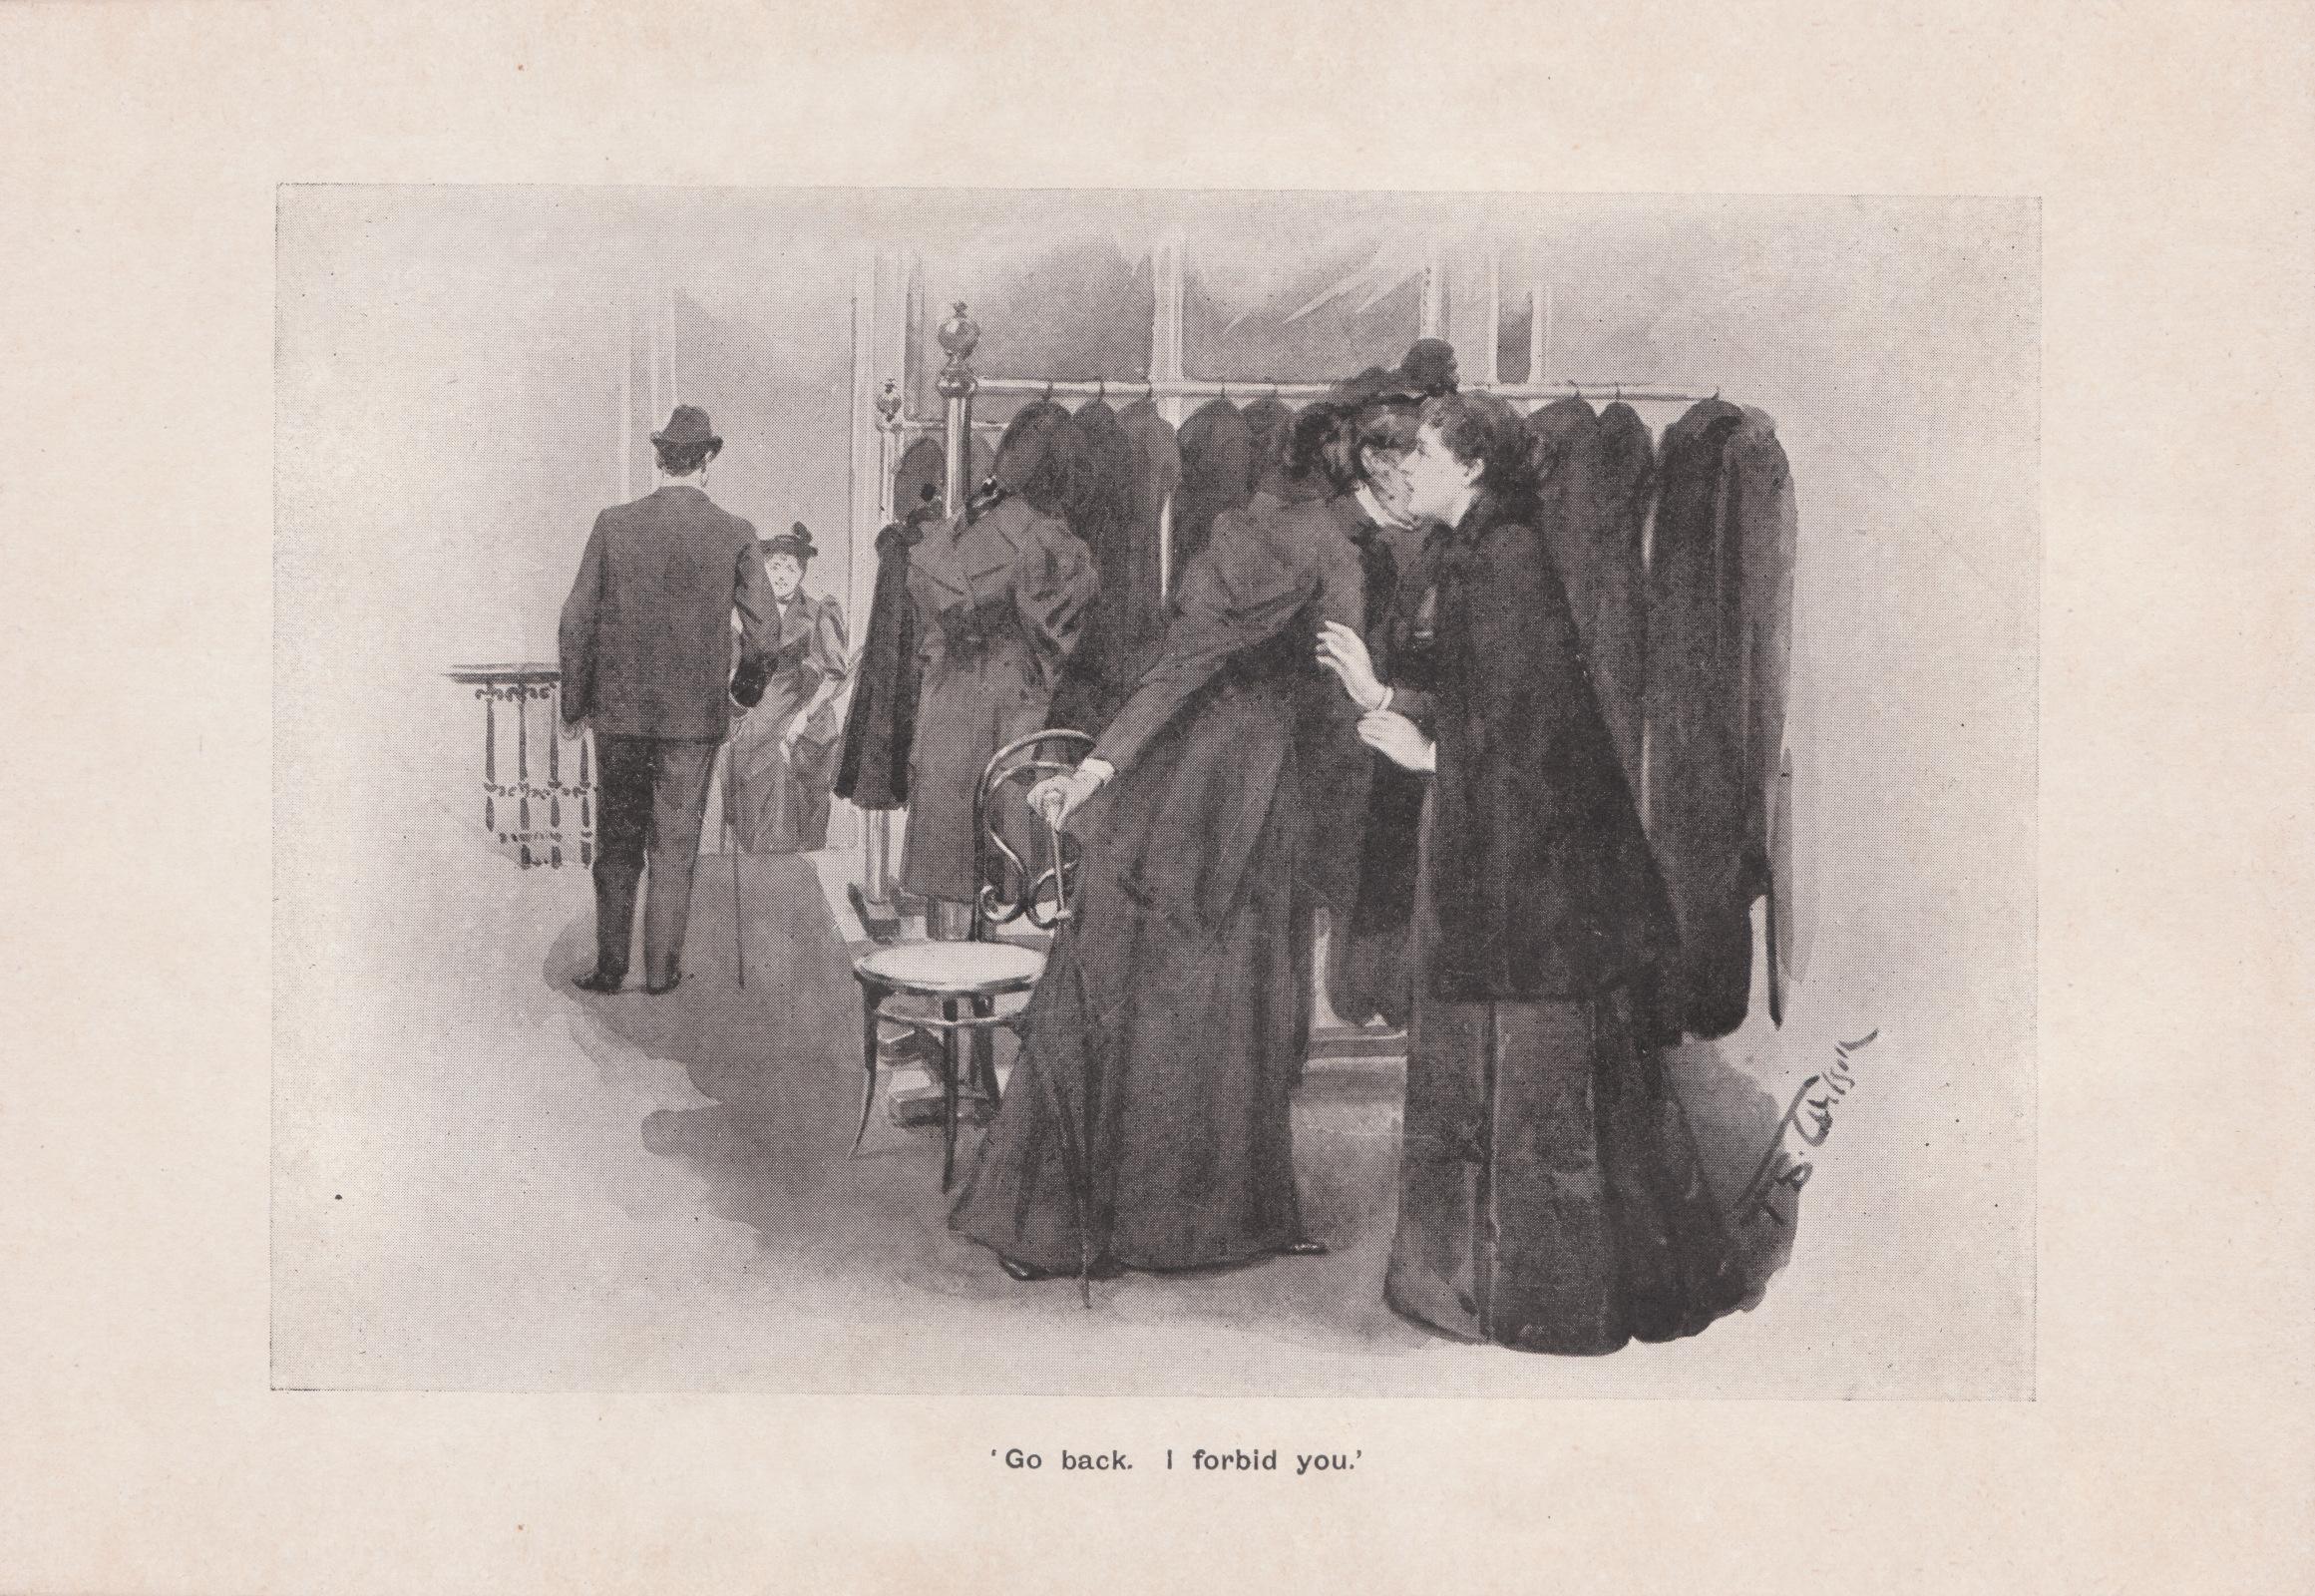 Gobacklondonlongmans1895272